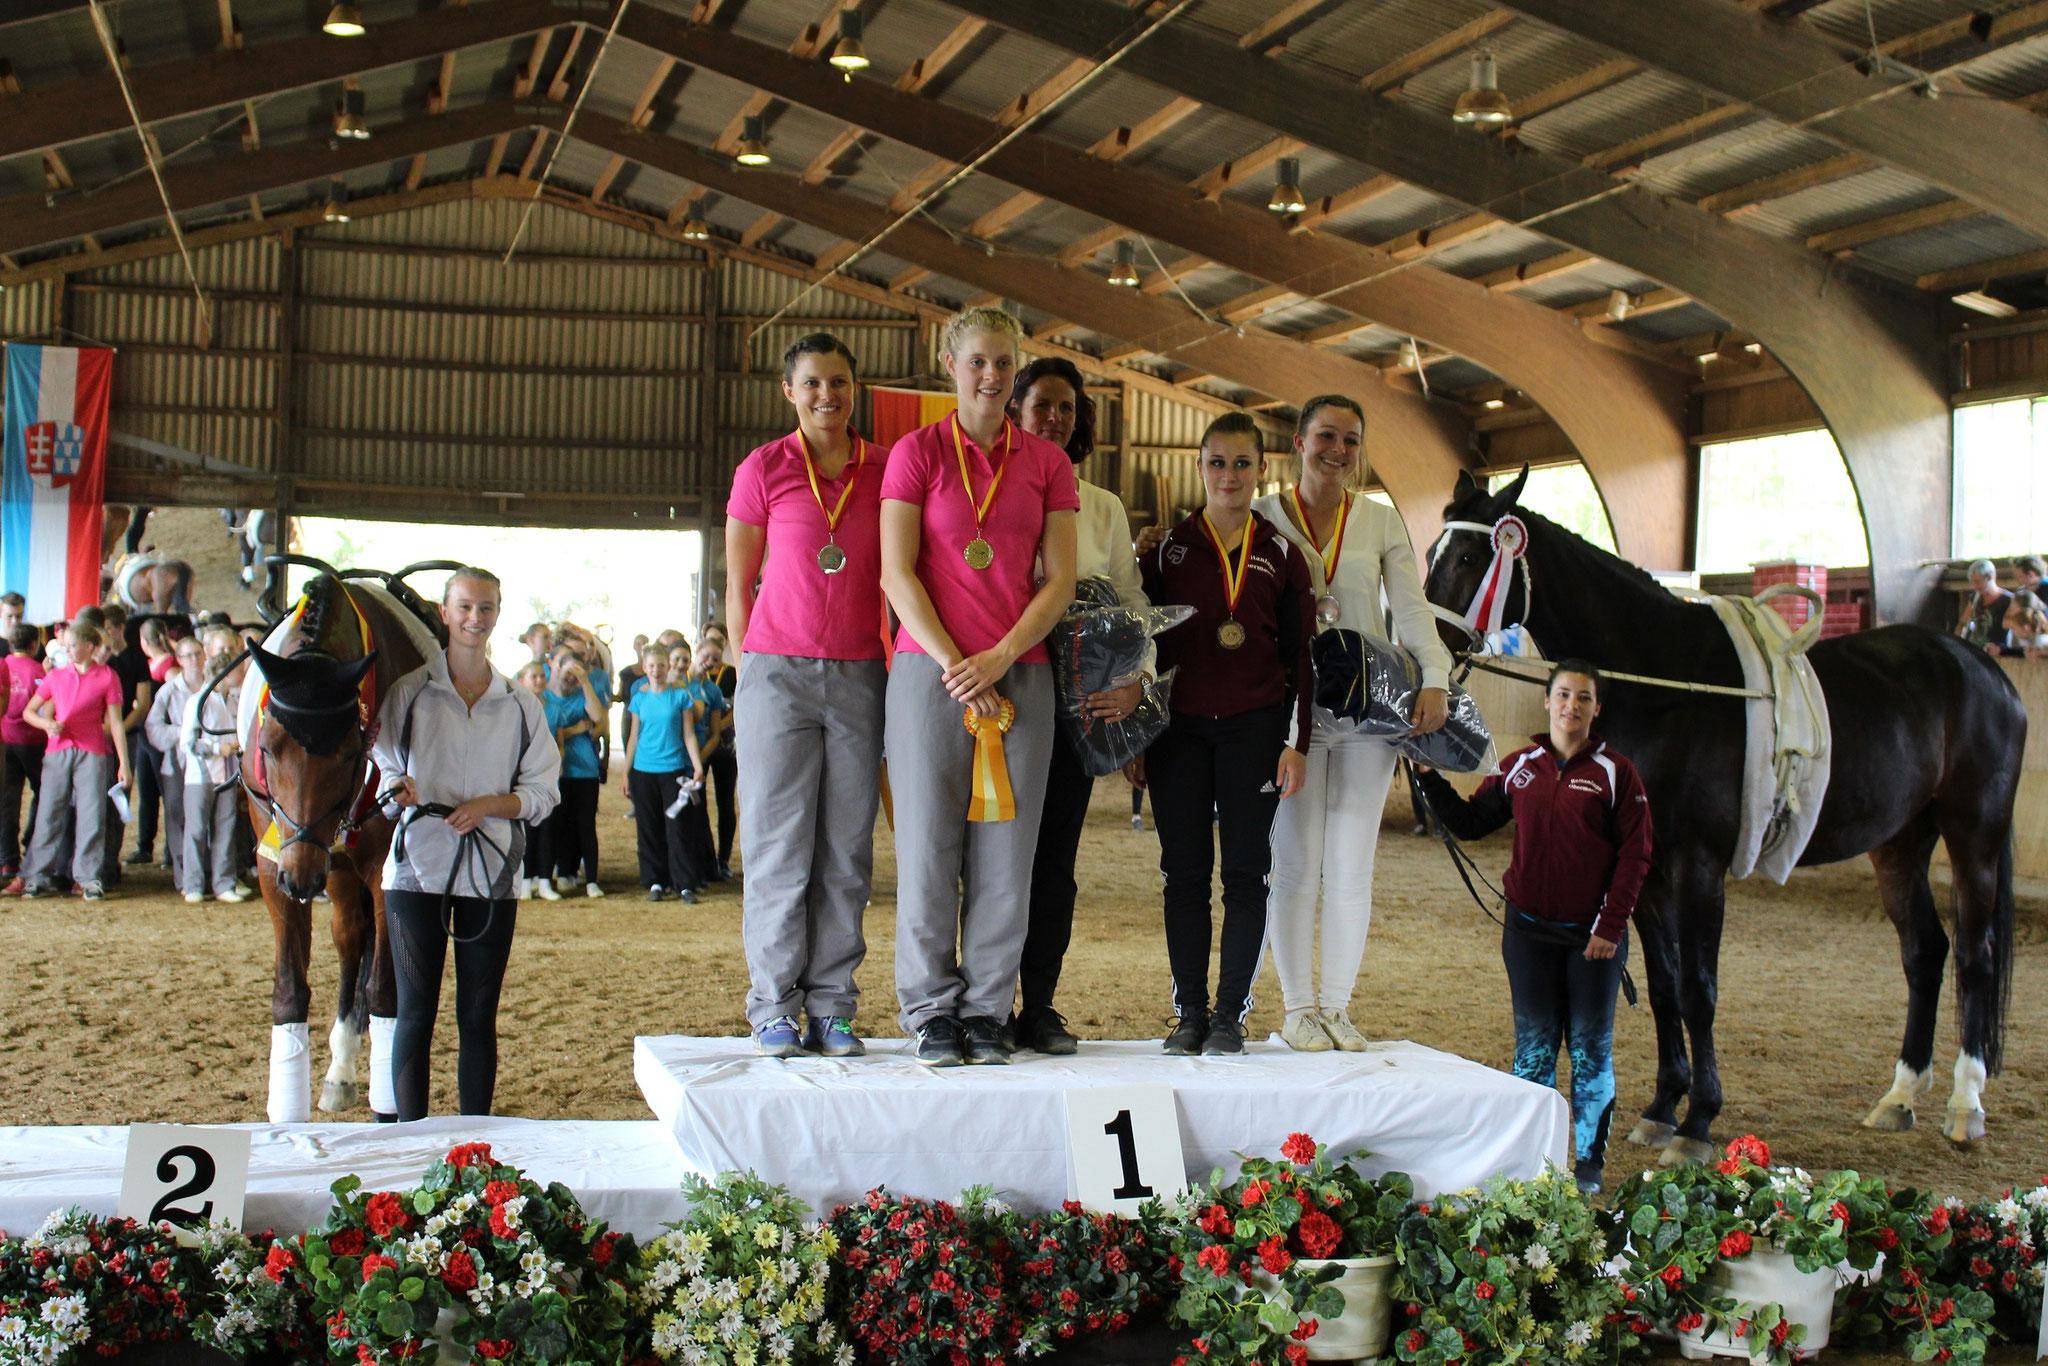 Schwäbische Meisterin Senior-Einzel: 1. Chiara Hilverkus, 2. Sarah Hartung, 3. Anna Neumann